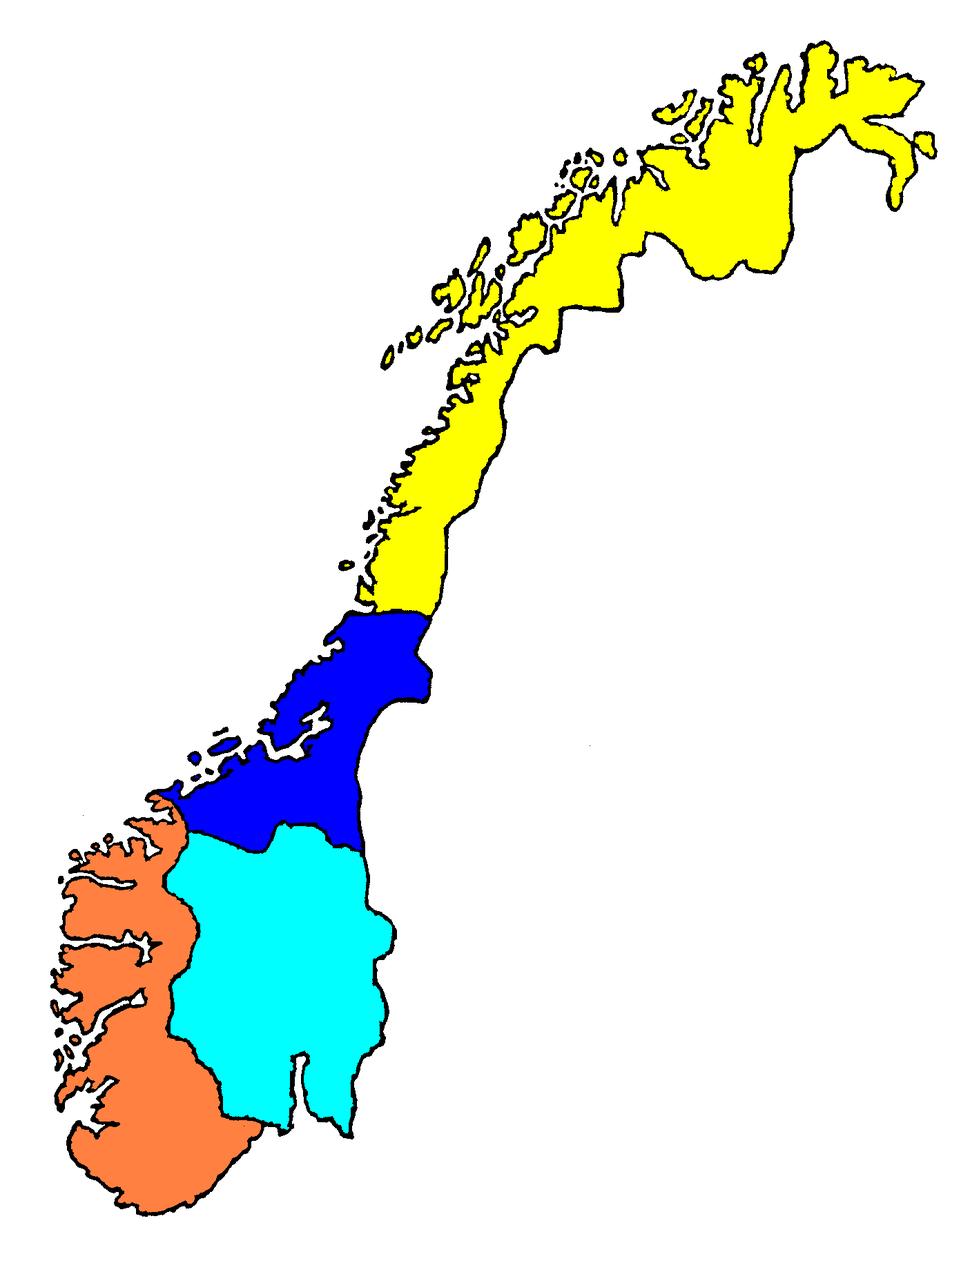 Norwegian dialects